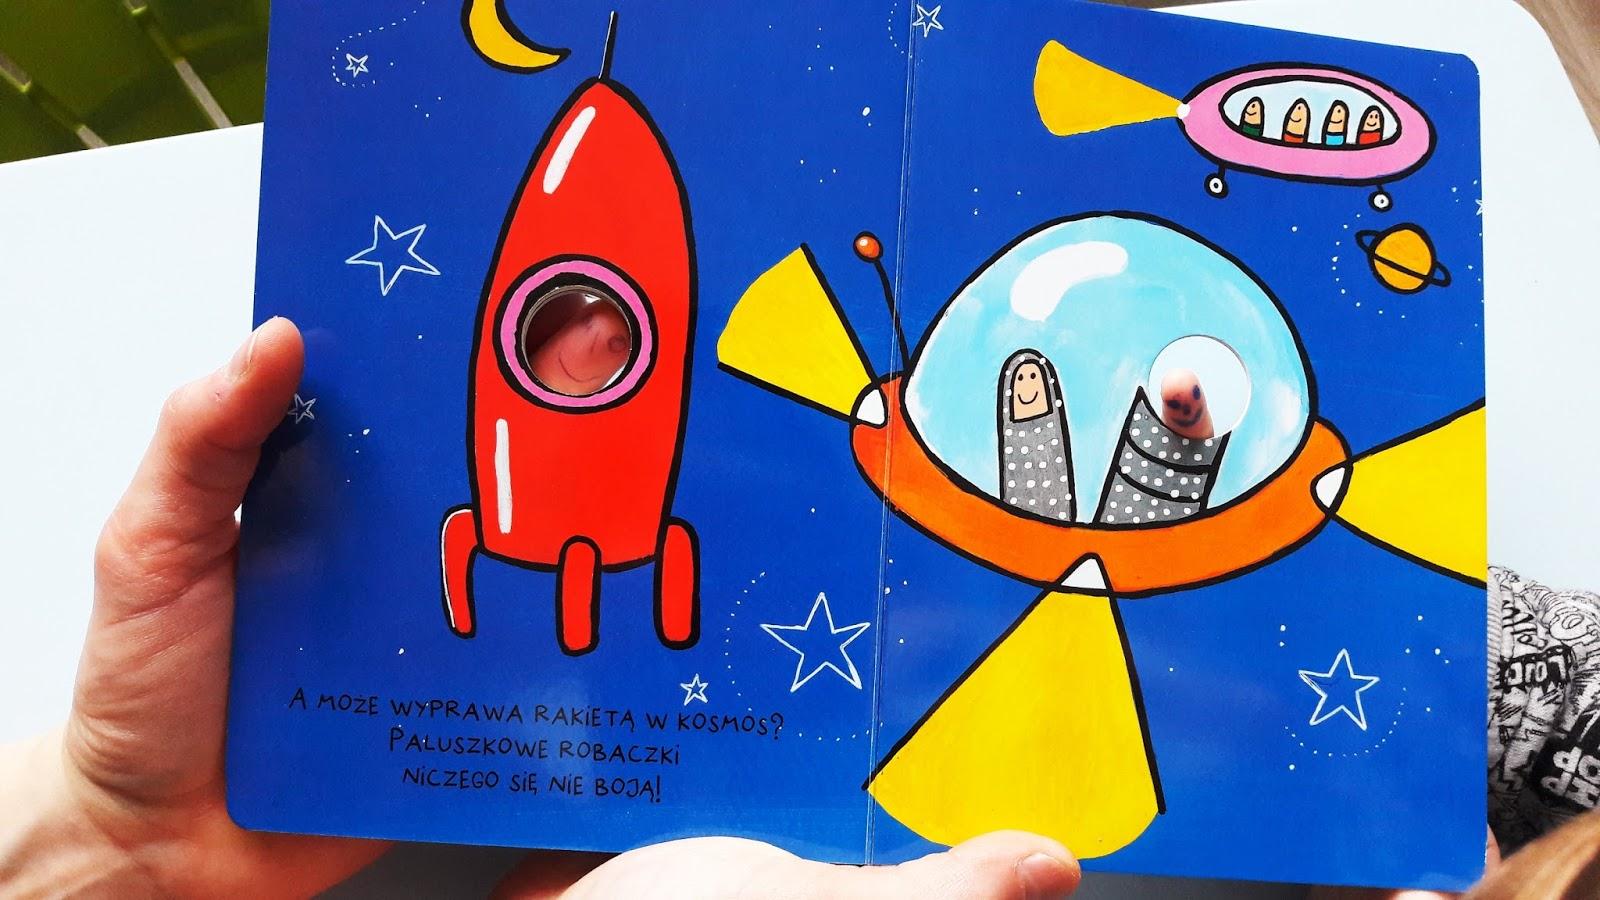 paluszkowa wyprawa robaczki Hervé-Tullet - wydawinctwo insignis - lecimy w kosmos. rakieta i ufo